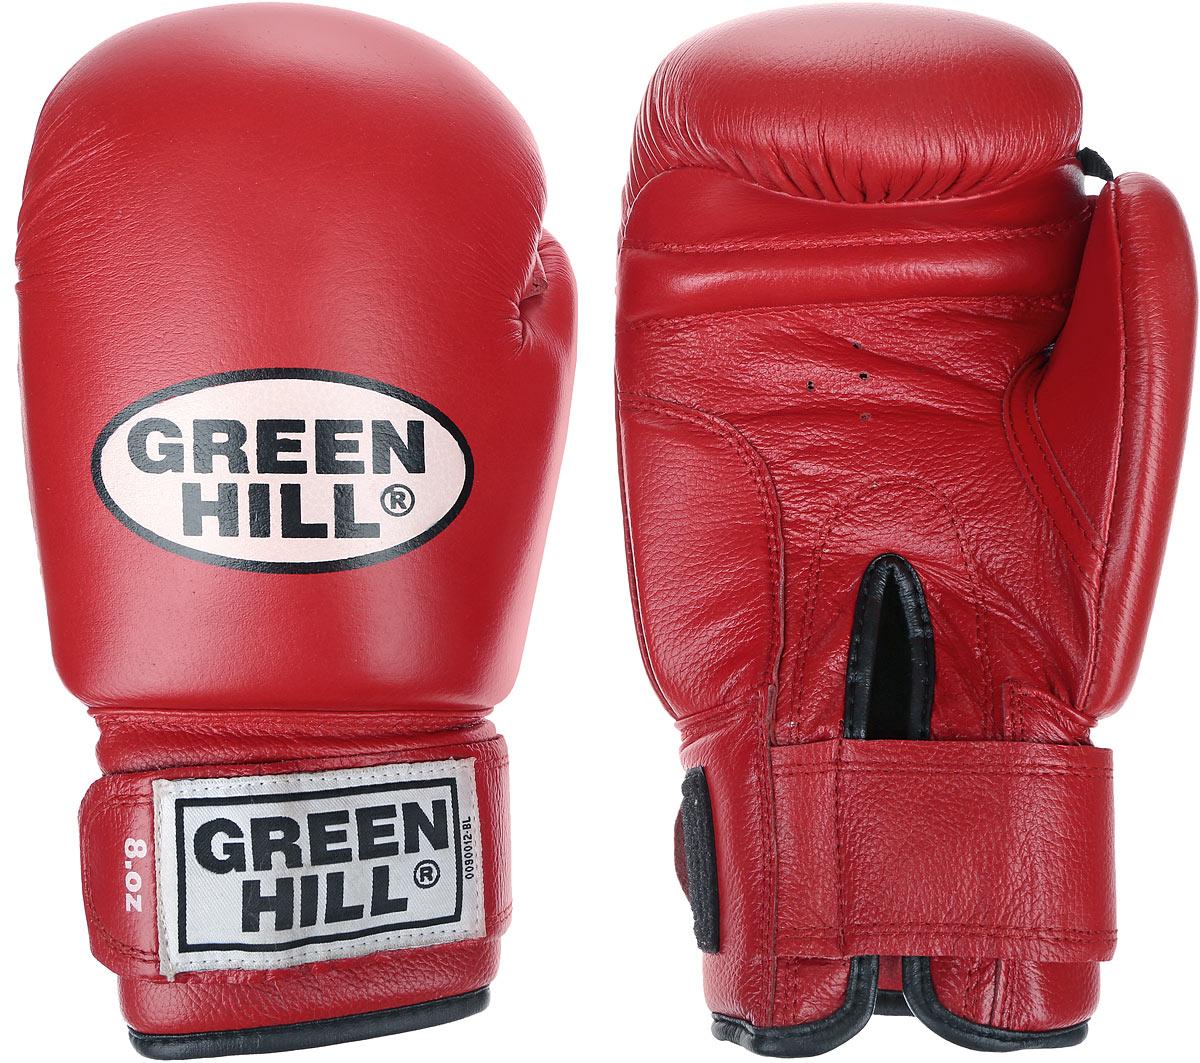 Перчатки боксерские Green Hill Tiger, цвет: красный, белый. Вес 8 унций. BGT-2010с7778GLXLUБоевые боксерские перчатки Green Hill Tiger применяются как для соревнований, так и для тренировок. Верх выполнен из натуральной кожи, вкладыш - предварительно сформированный пенополиуретан. Манжет на липучке способствует быстрому и удобному надеванию перчаток, плотно фиксирует перчатки на руке. Отверстия в области ладони позволяет создать максимально комфортный терморежим во время занятий.В перчатках применяется технология антинокаут.